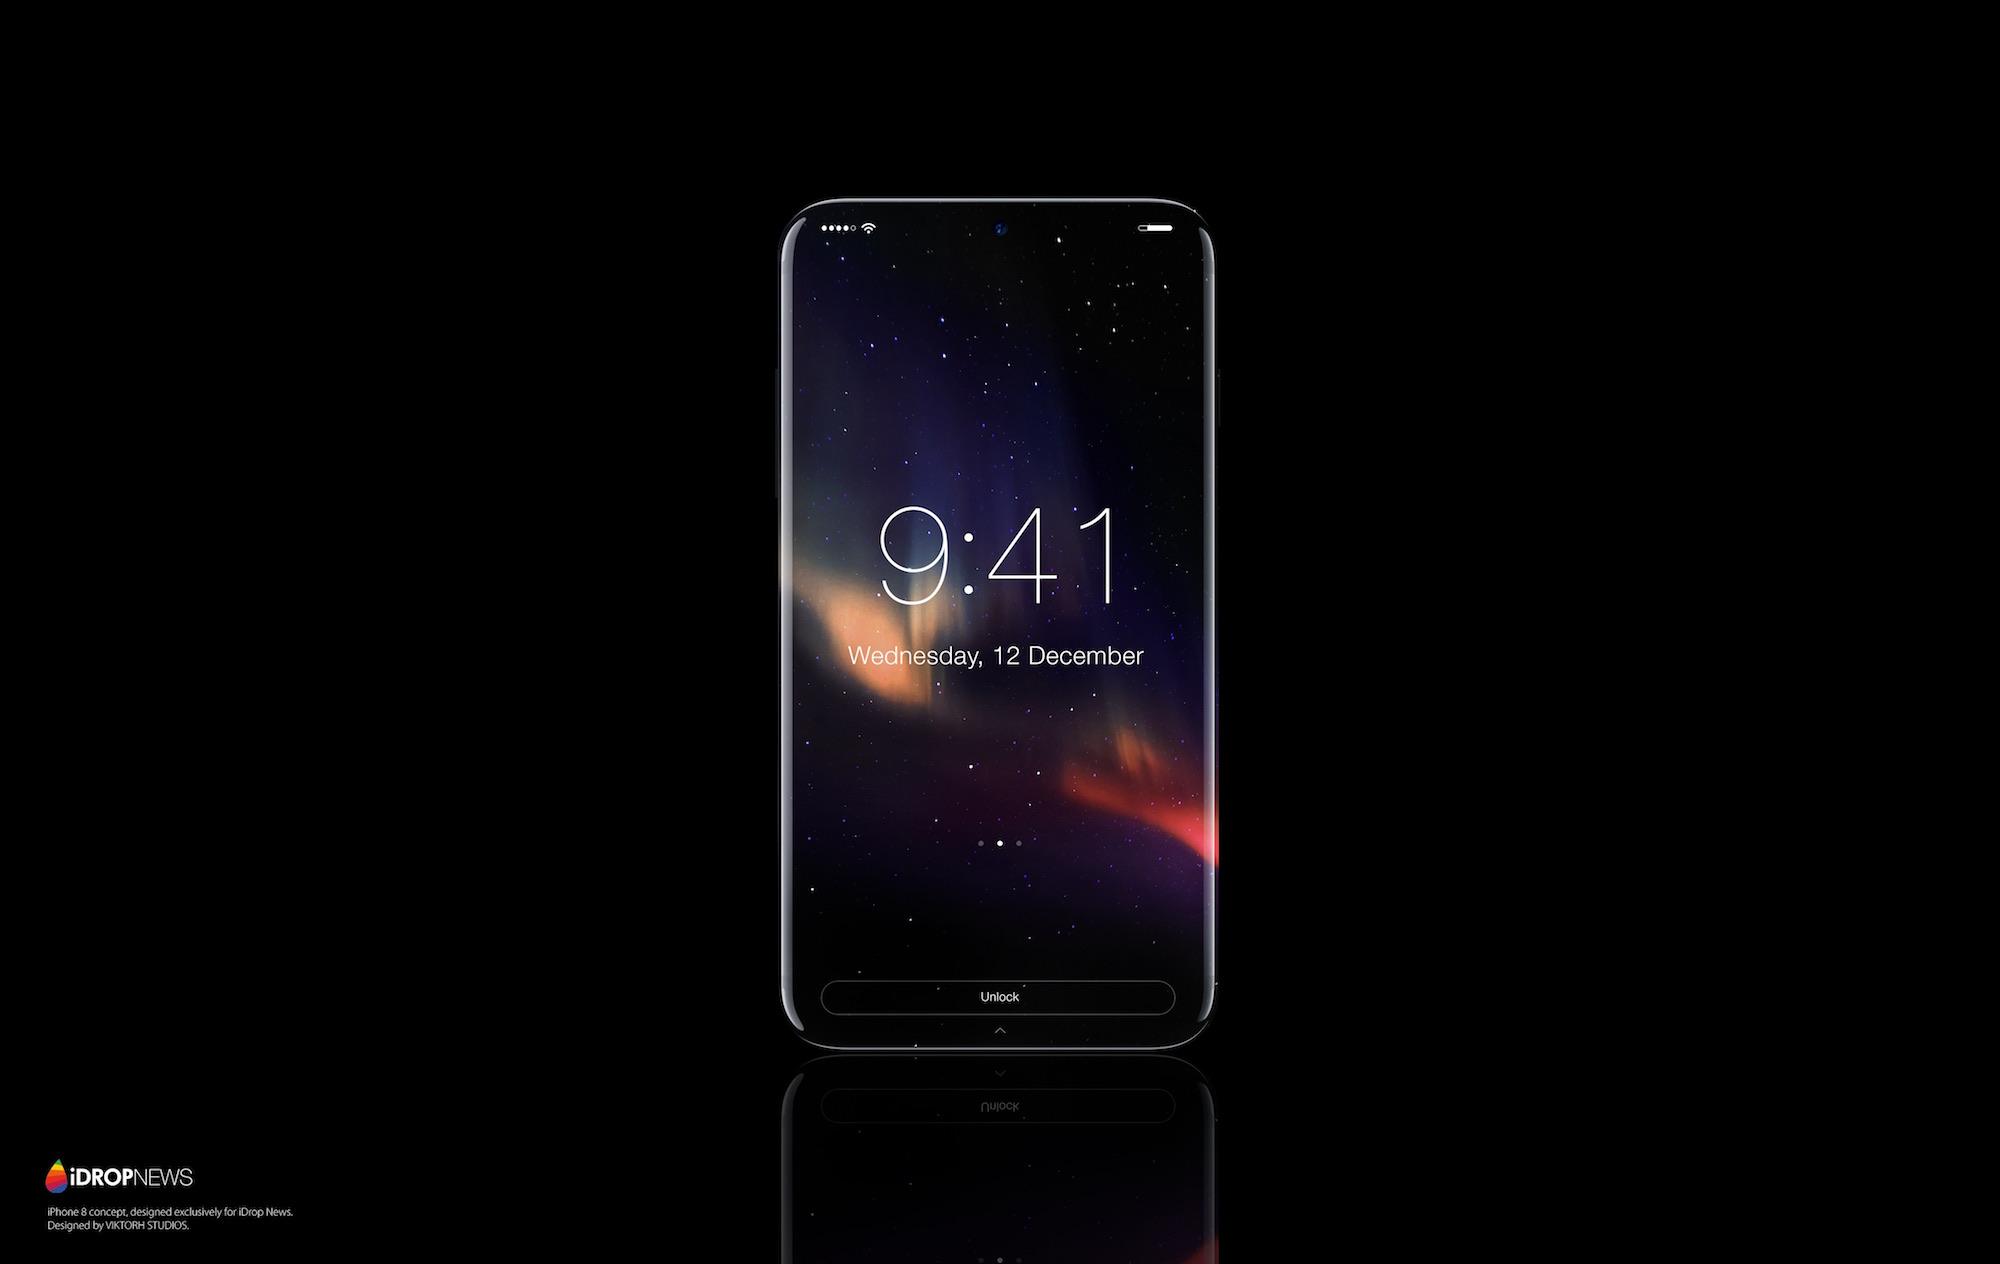 iphone-8-idropnews-exclusive-2